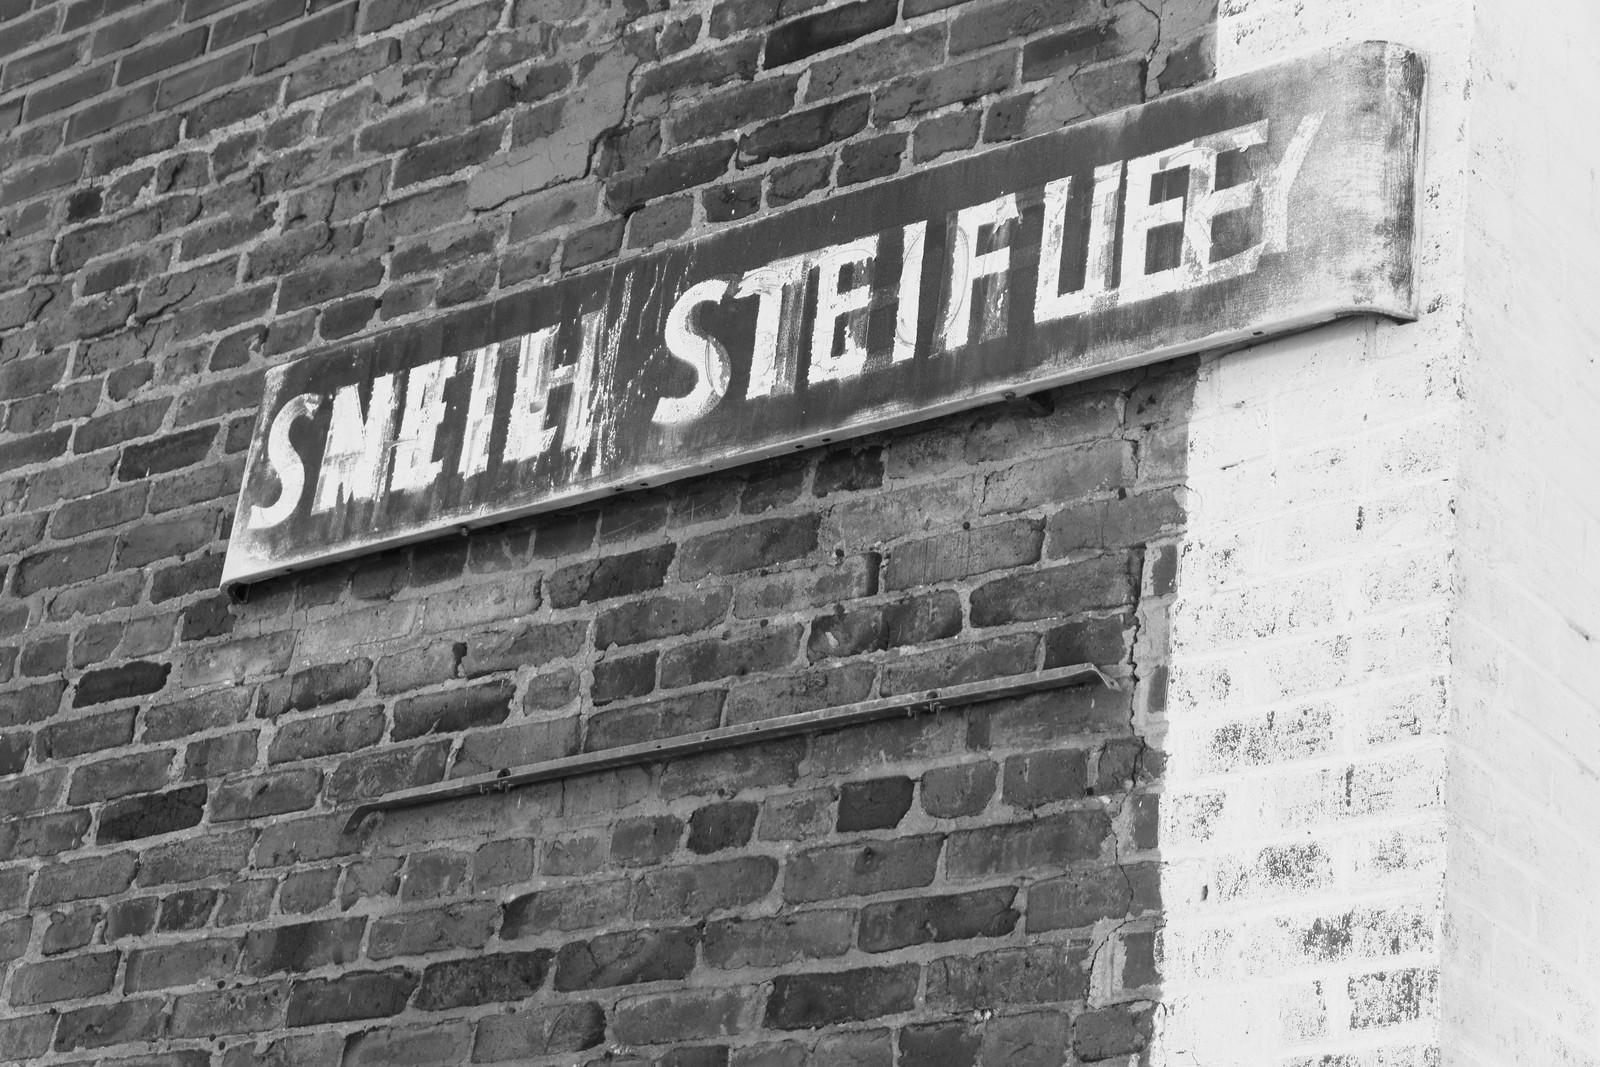 Smith Stiefle Store, Bradley, SC